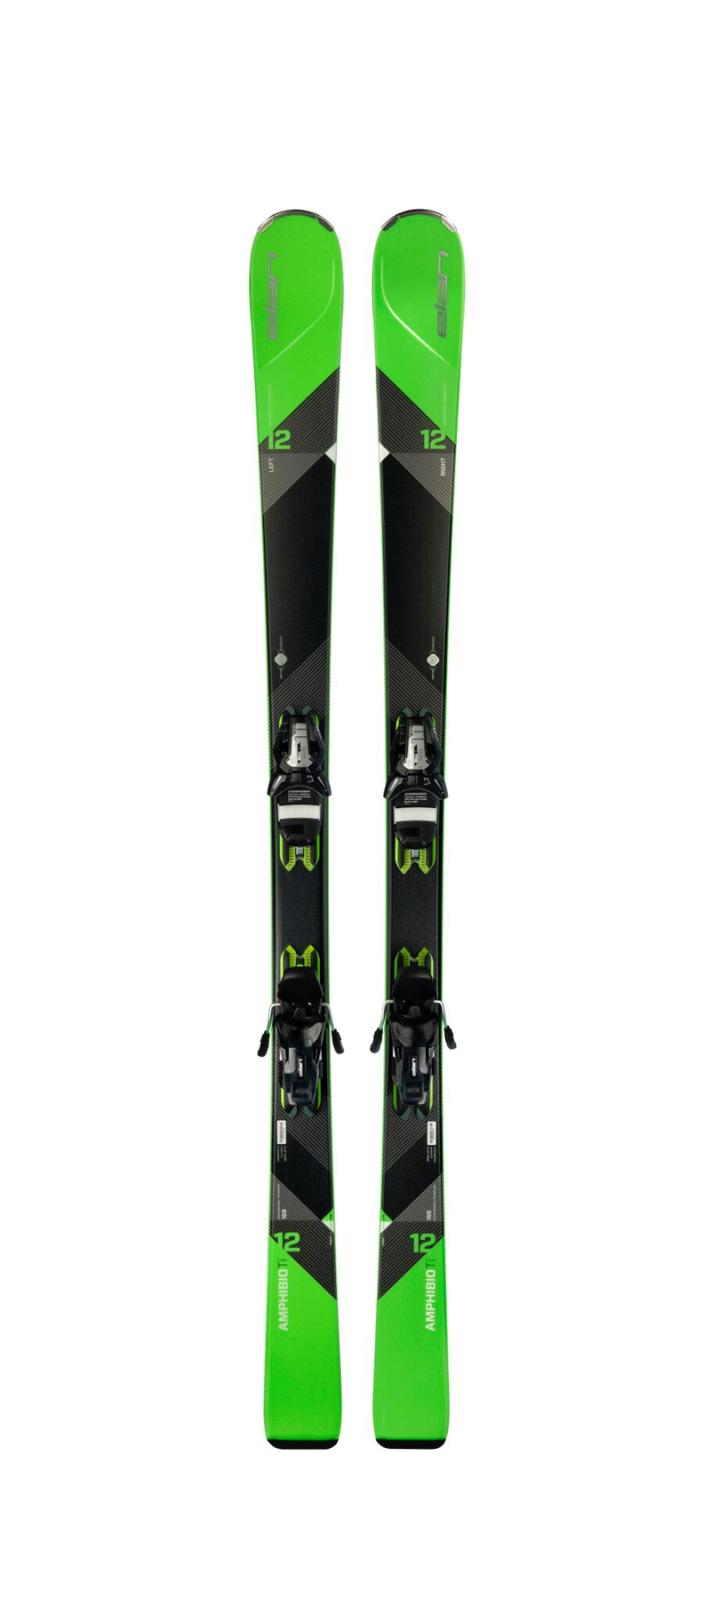 sjezdové lyže Elan Amphibio 12 TI Power Shift